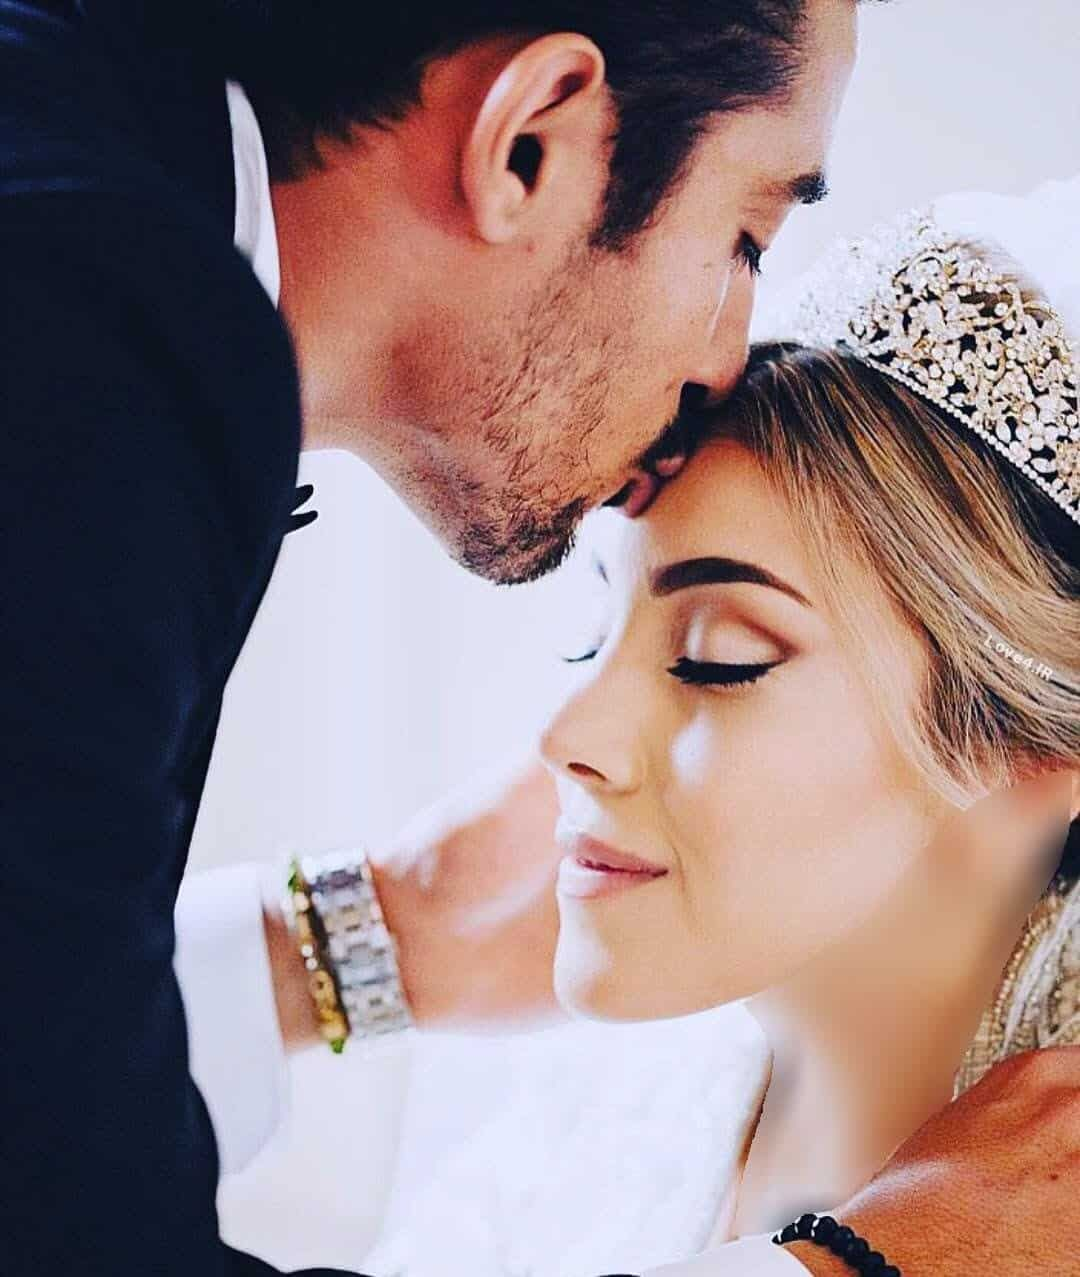 زندگی به سبک رضا قوچان نژاد و همسرش سروین بیات +عکس و بیوگرافی